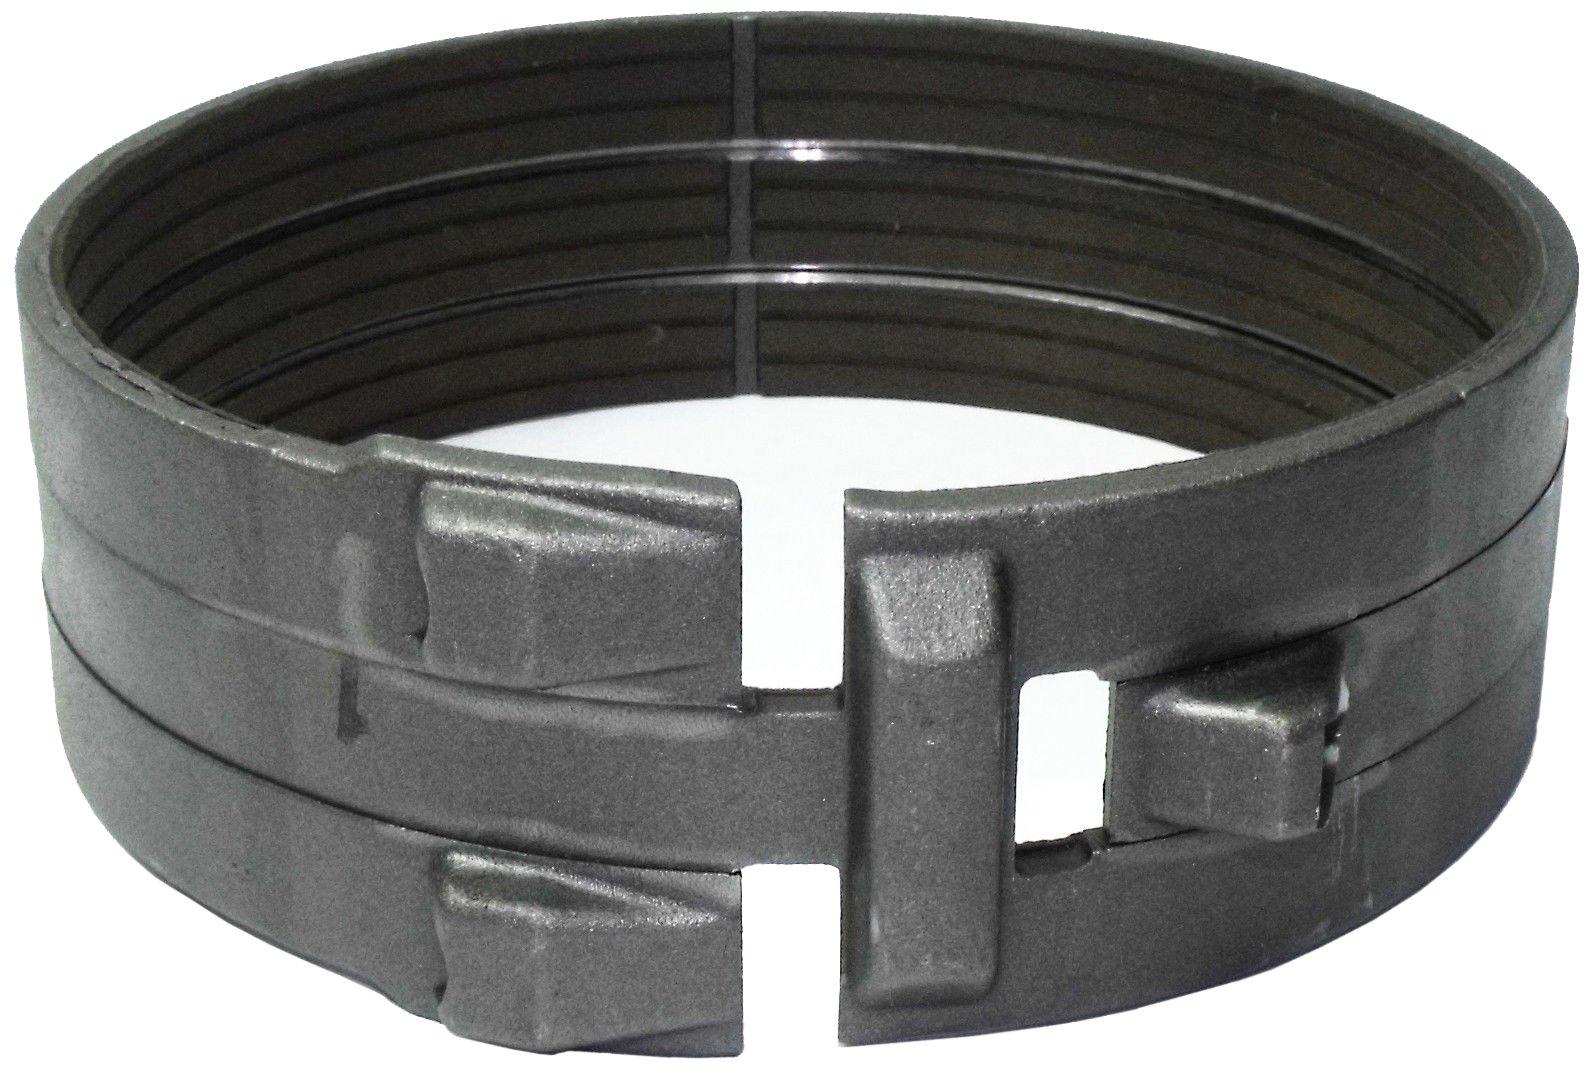 Borg Warner 8681820 Reverse Rear Transmission Band (TH400/4L80E